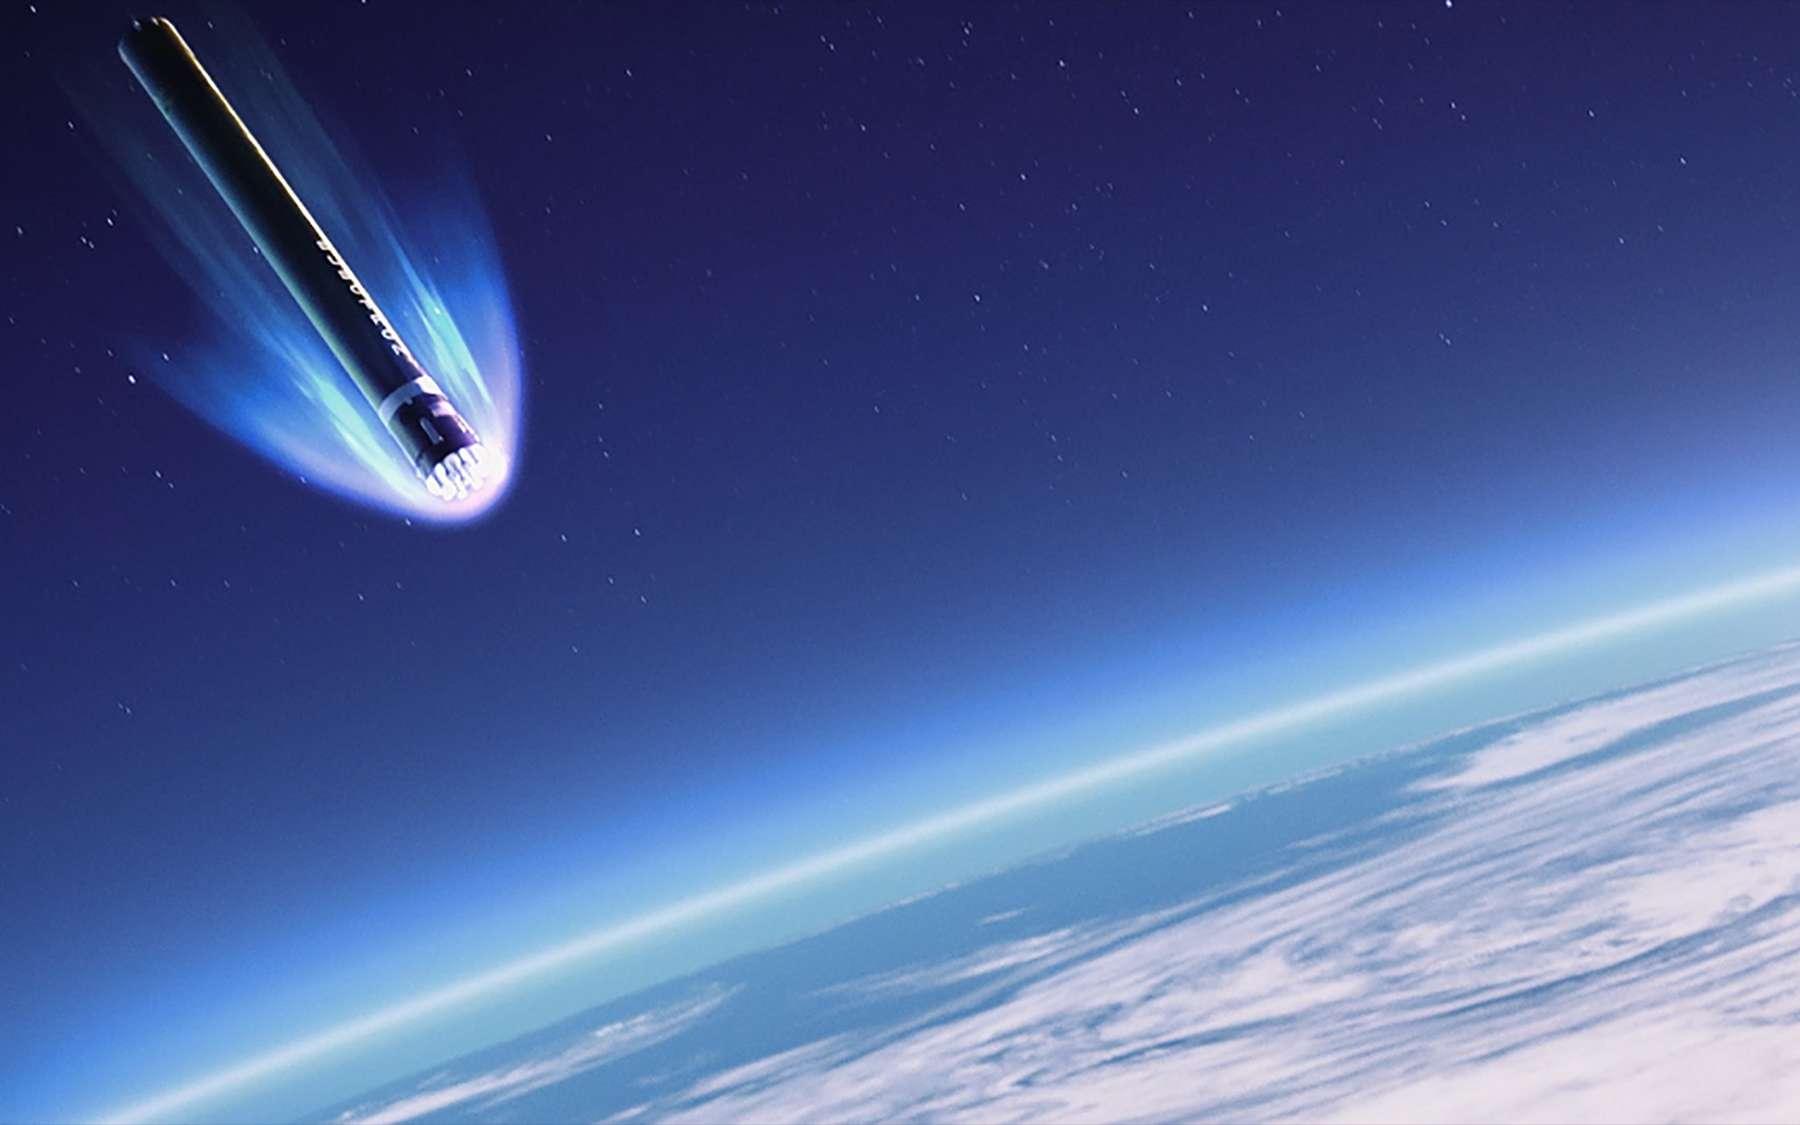 Vue d'artiste de l'étage principal du petit lanceur Electron, descendant dans l'atmosphère après sa mission. © Rocket Lab